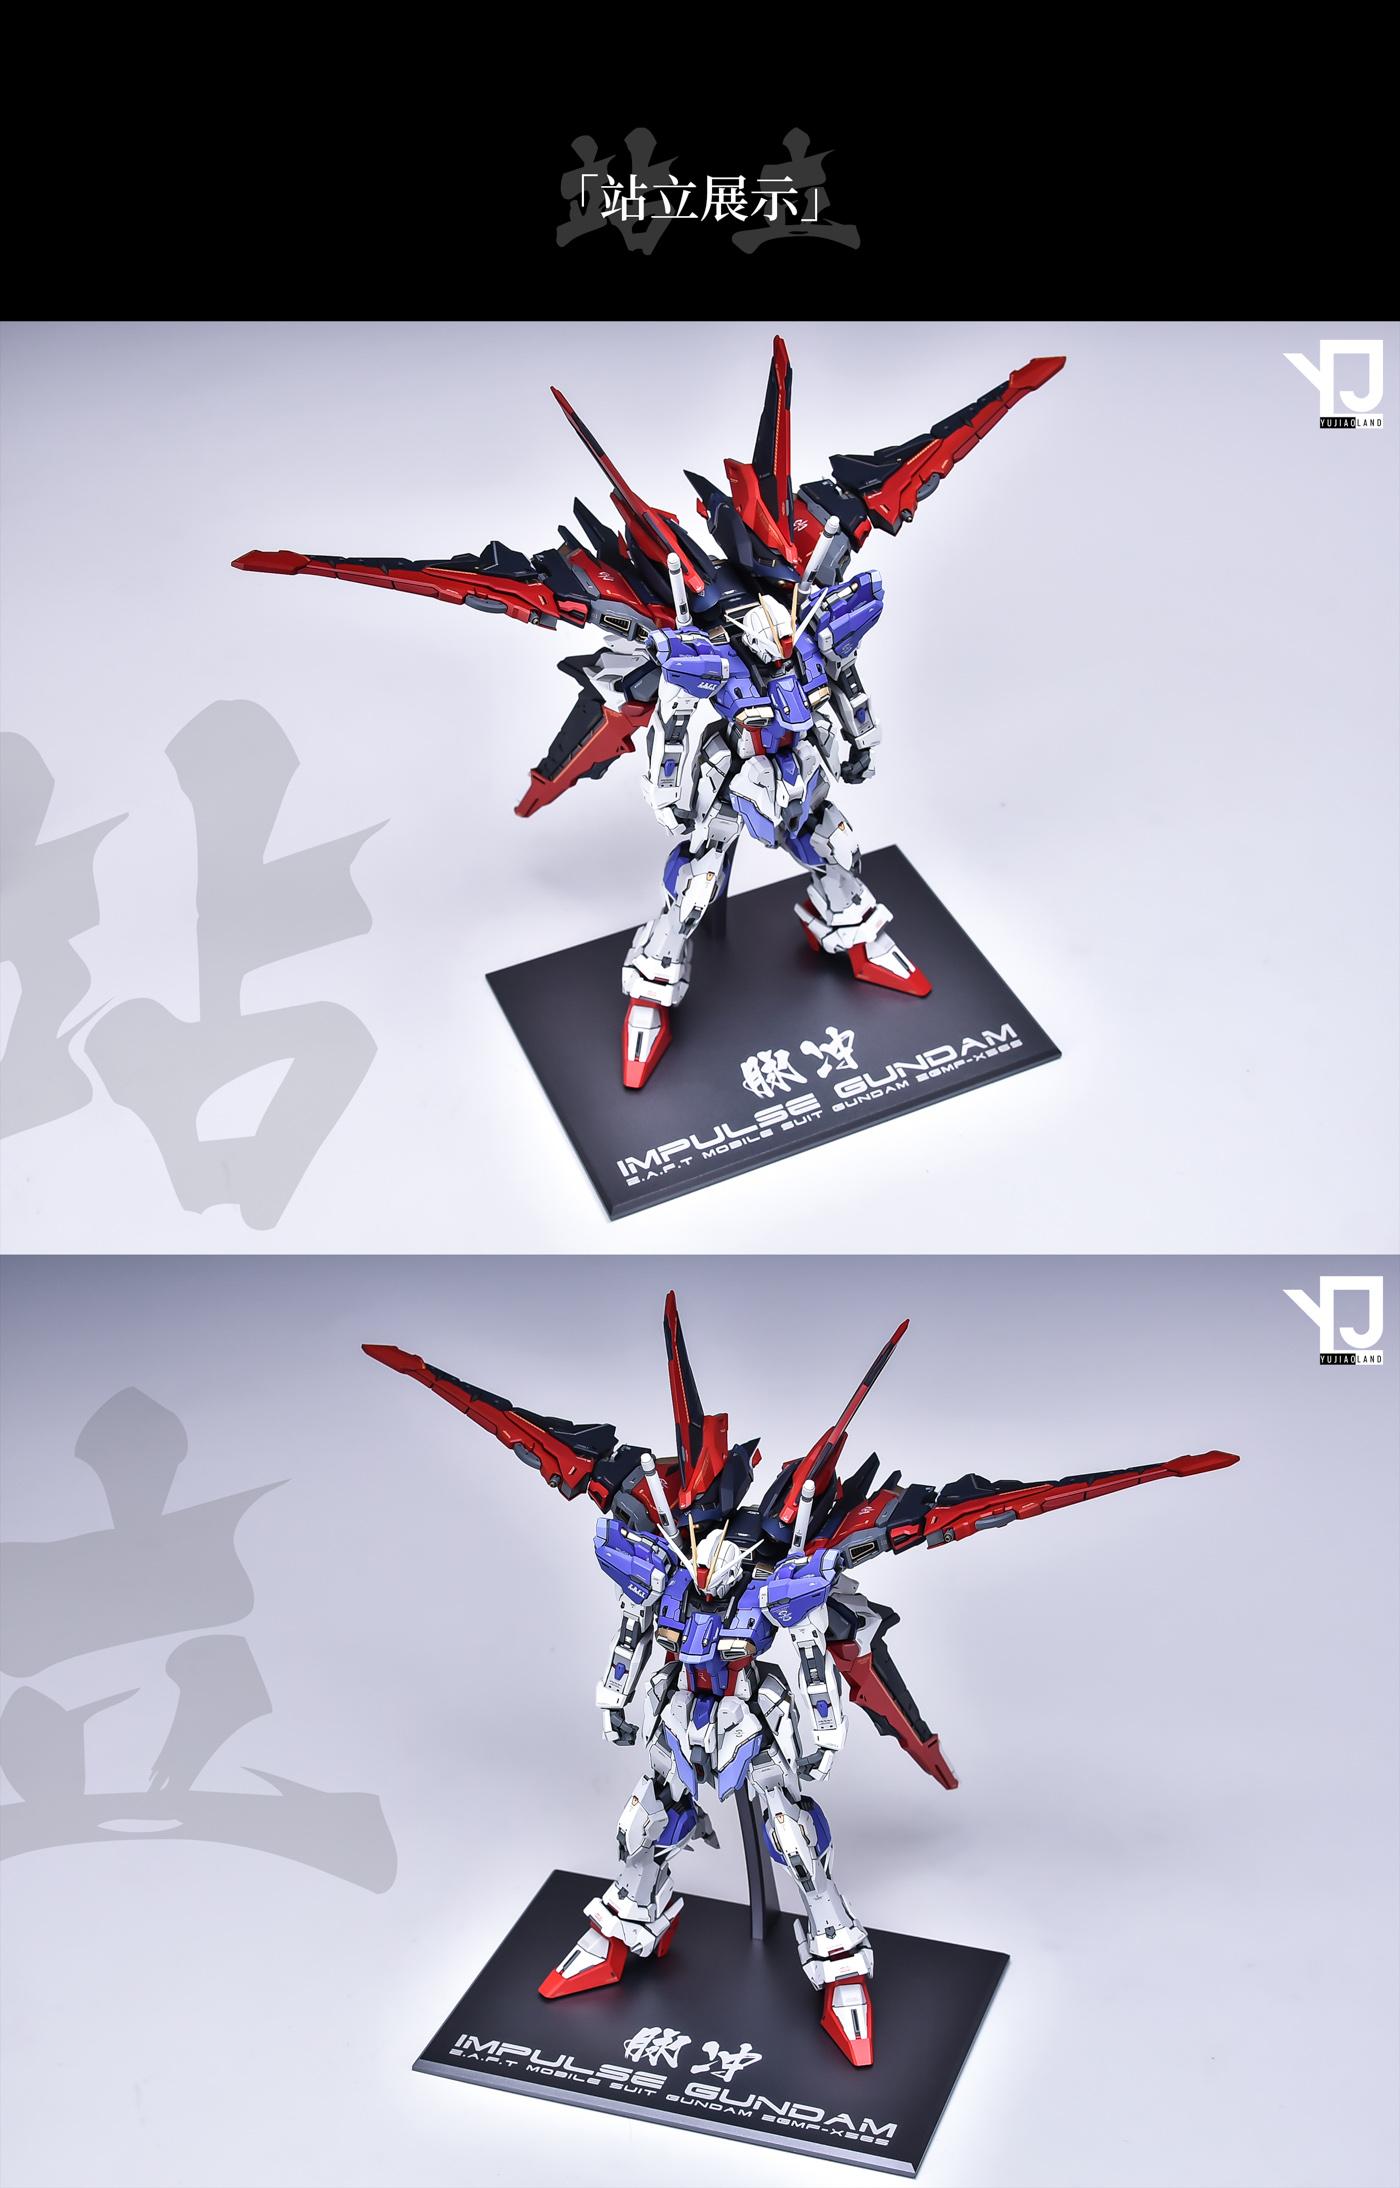 G573_2_ZGMF_X56S_stand_004.jpg